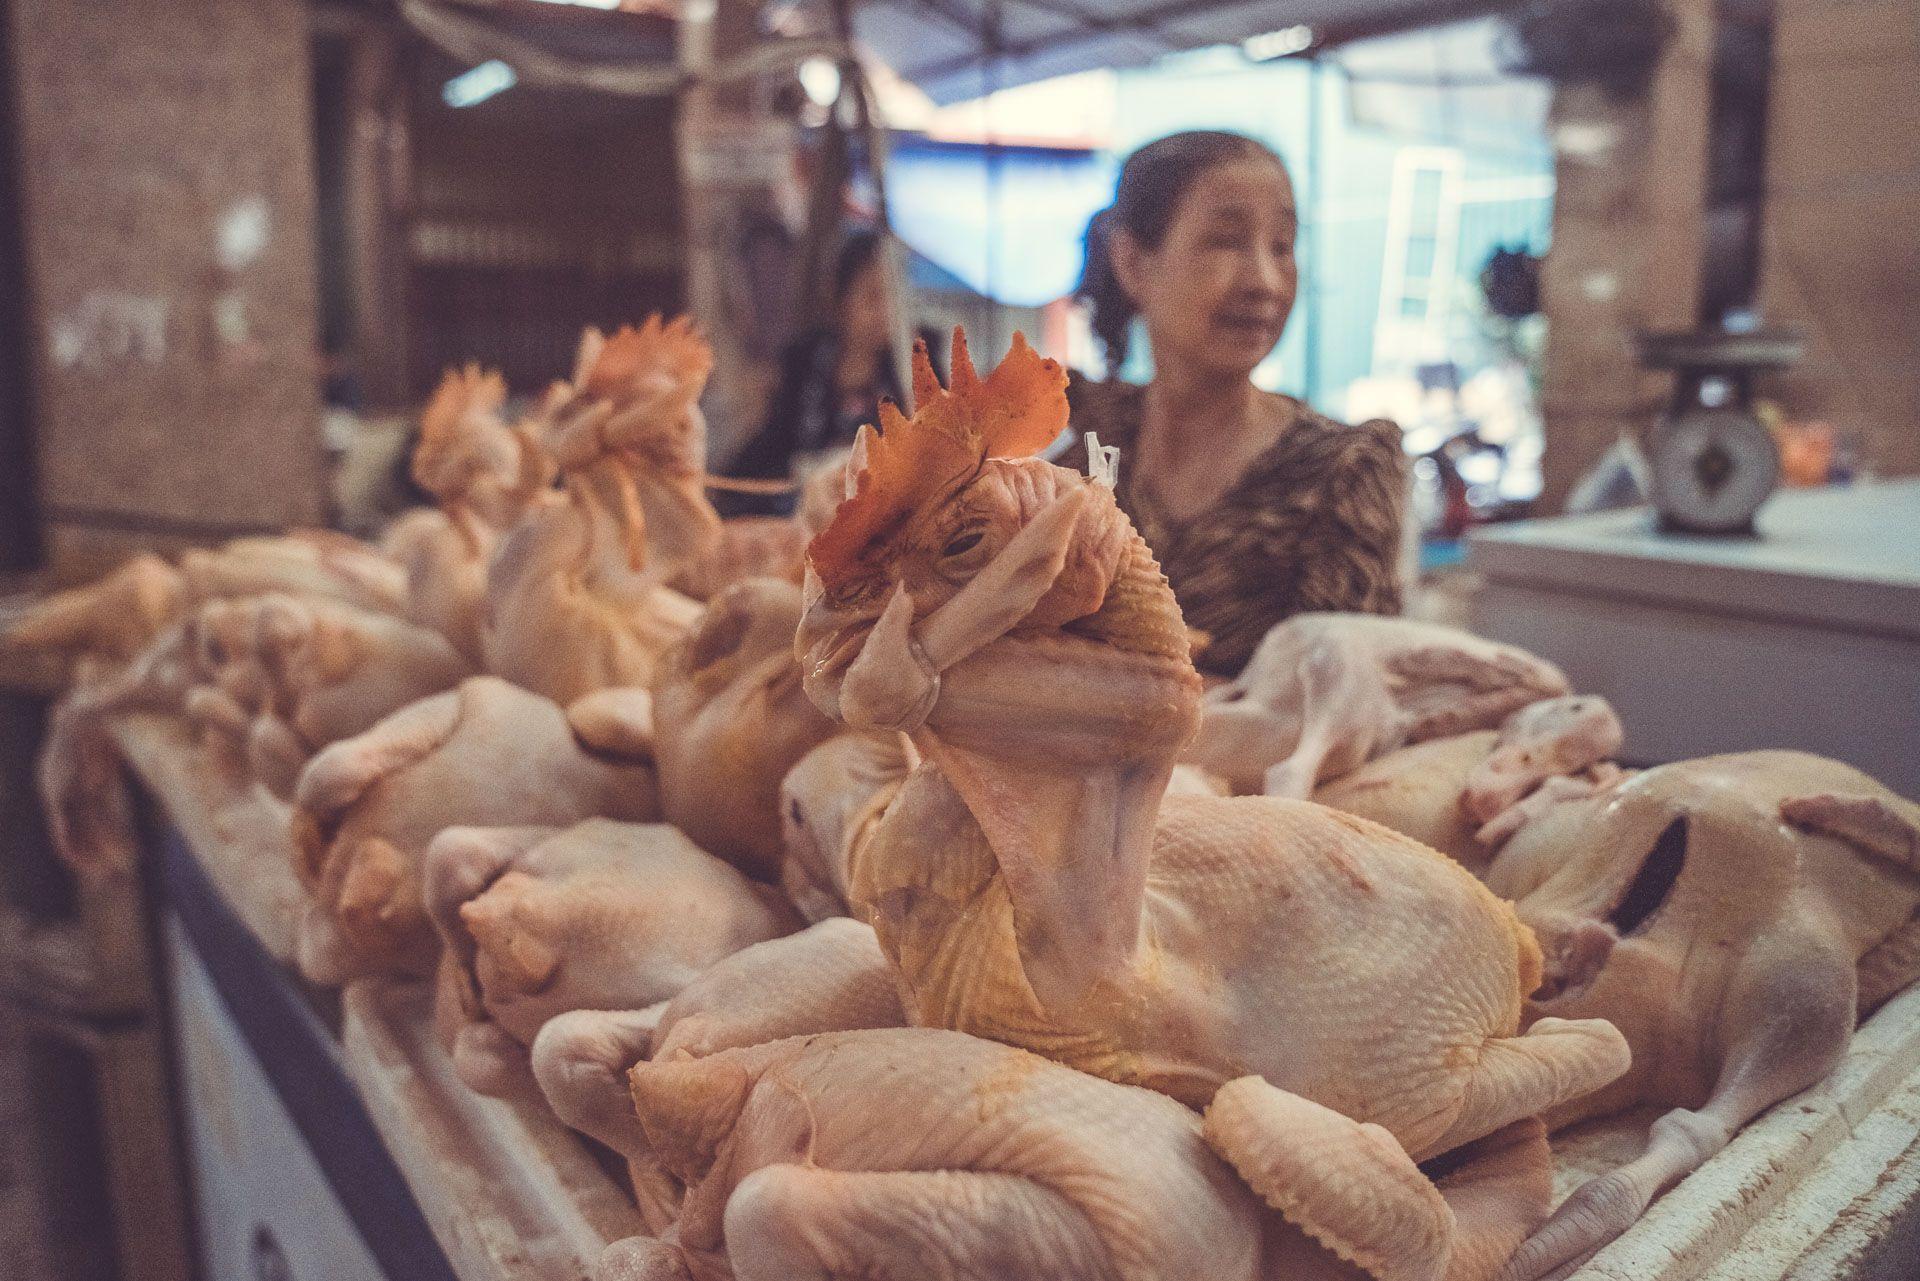 LesVoyageuses-Vietnam-hanoi-tour-vespa-adventures-27